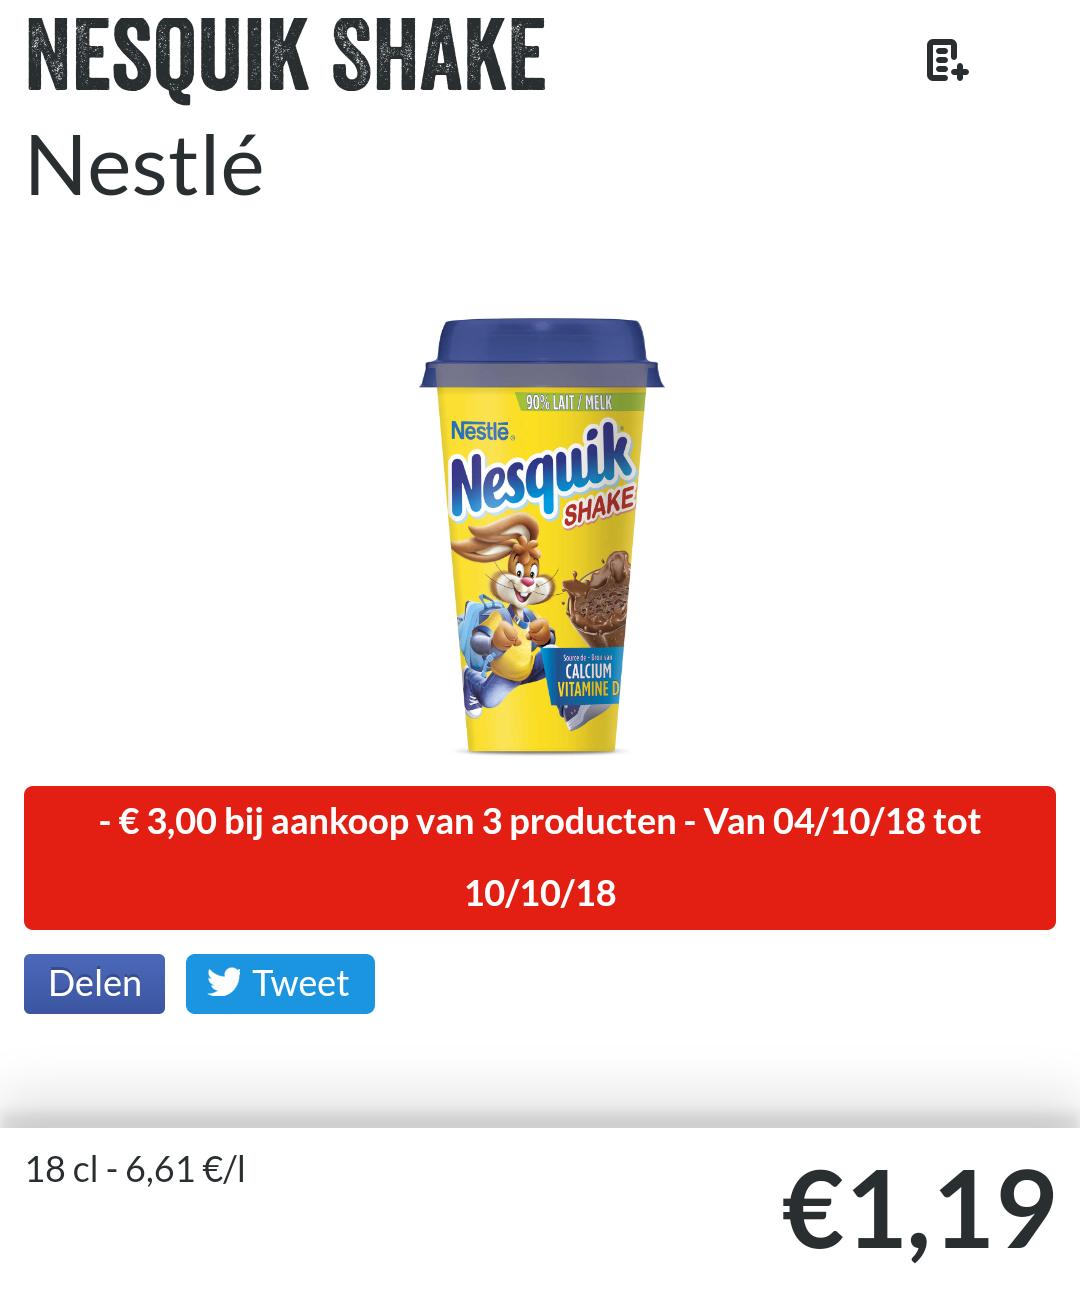 [Grensdeal België] Nesquick shake voor €0,19 en ontbijtgranen voor €1,20